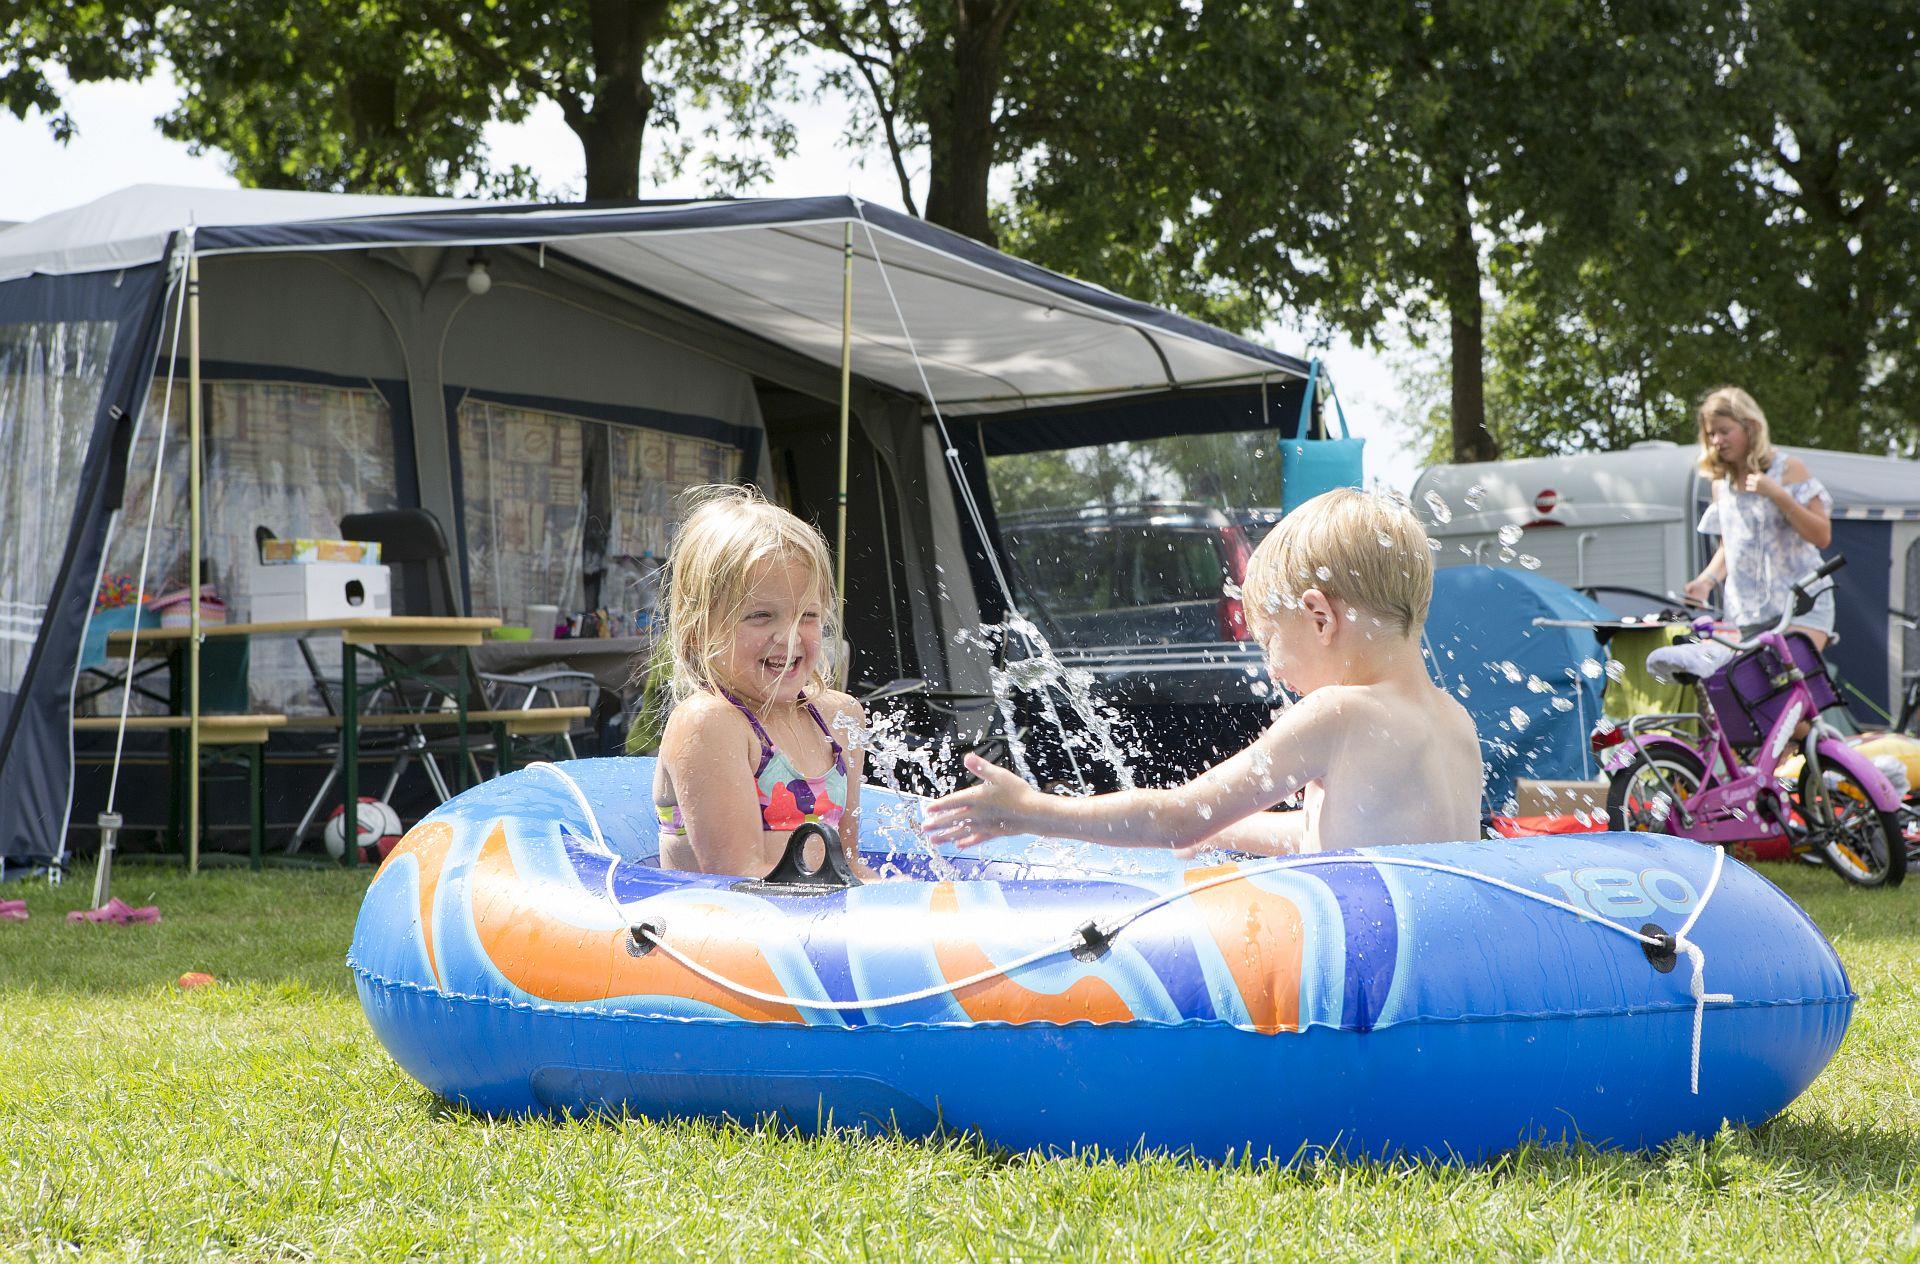 Kindvriendelijke 5 sterren camping in het Vechtdal - kindvriendelijke 5 sterren camping